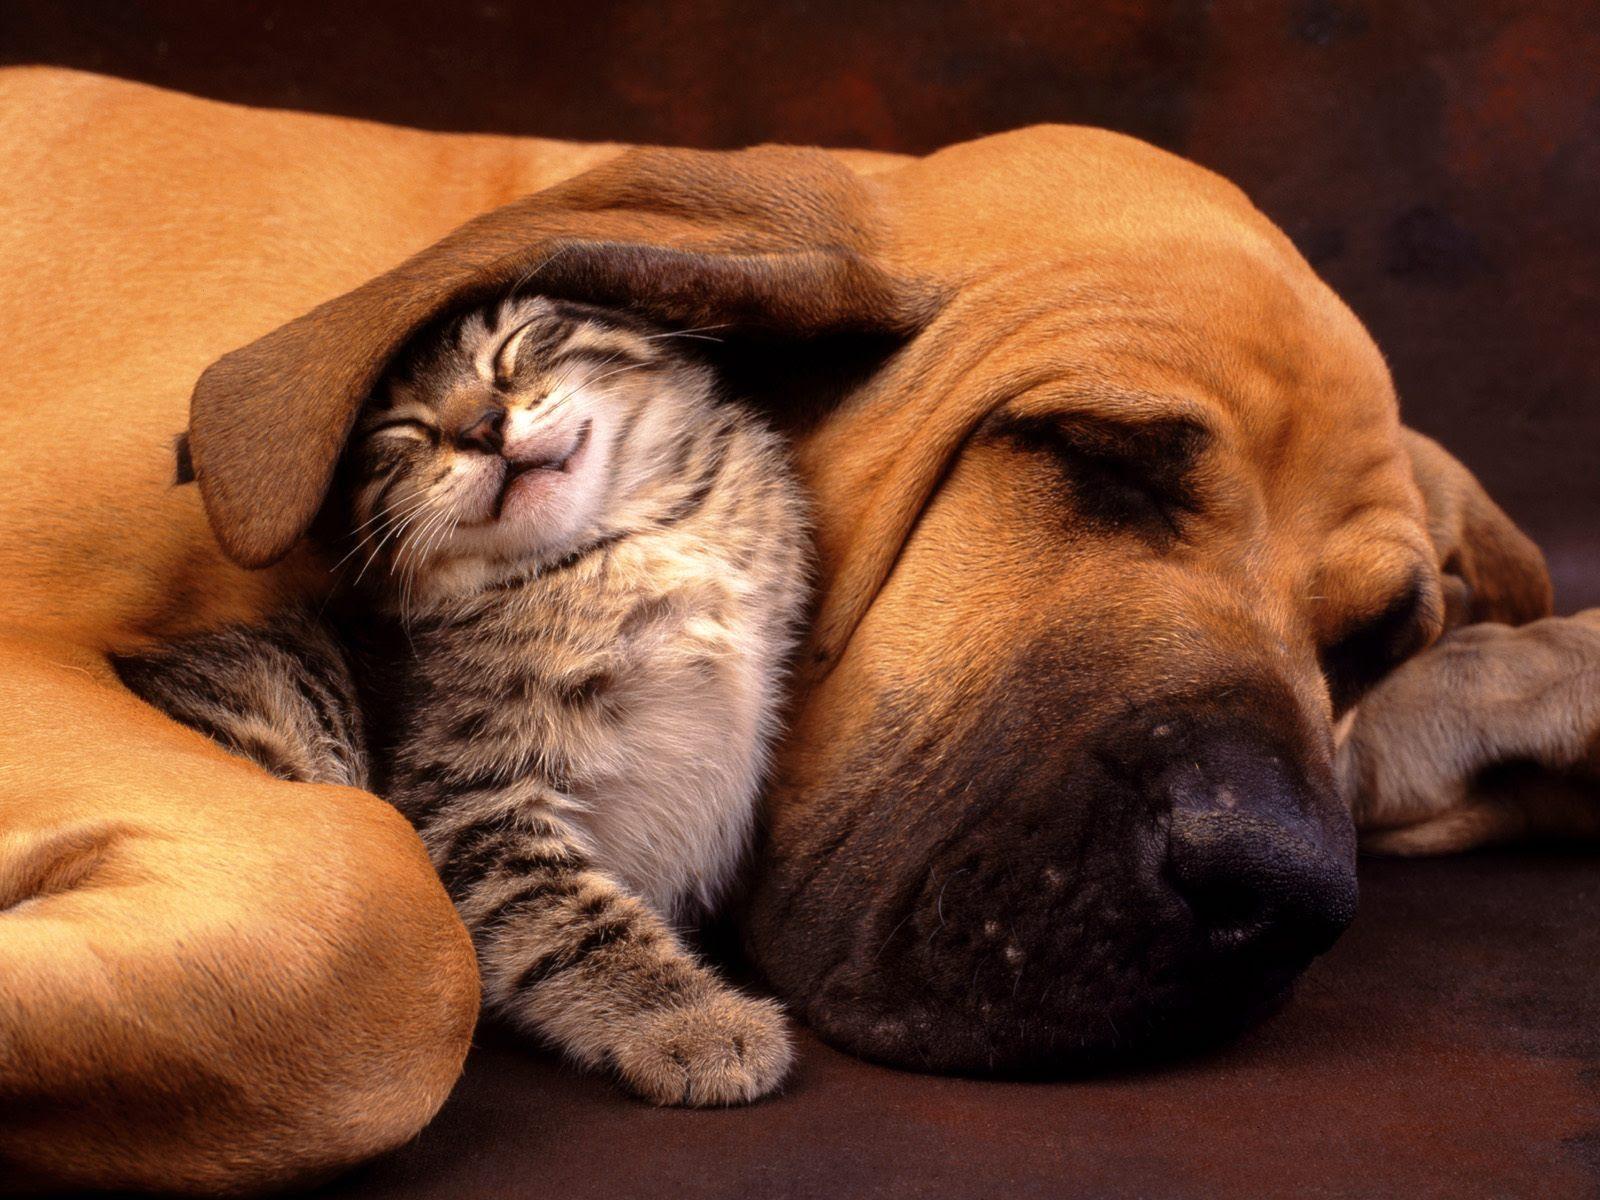 cachorro-gato-amizade-amigos